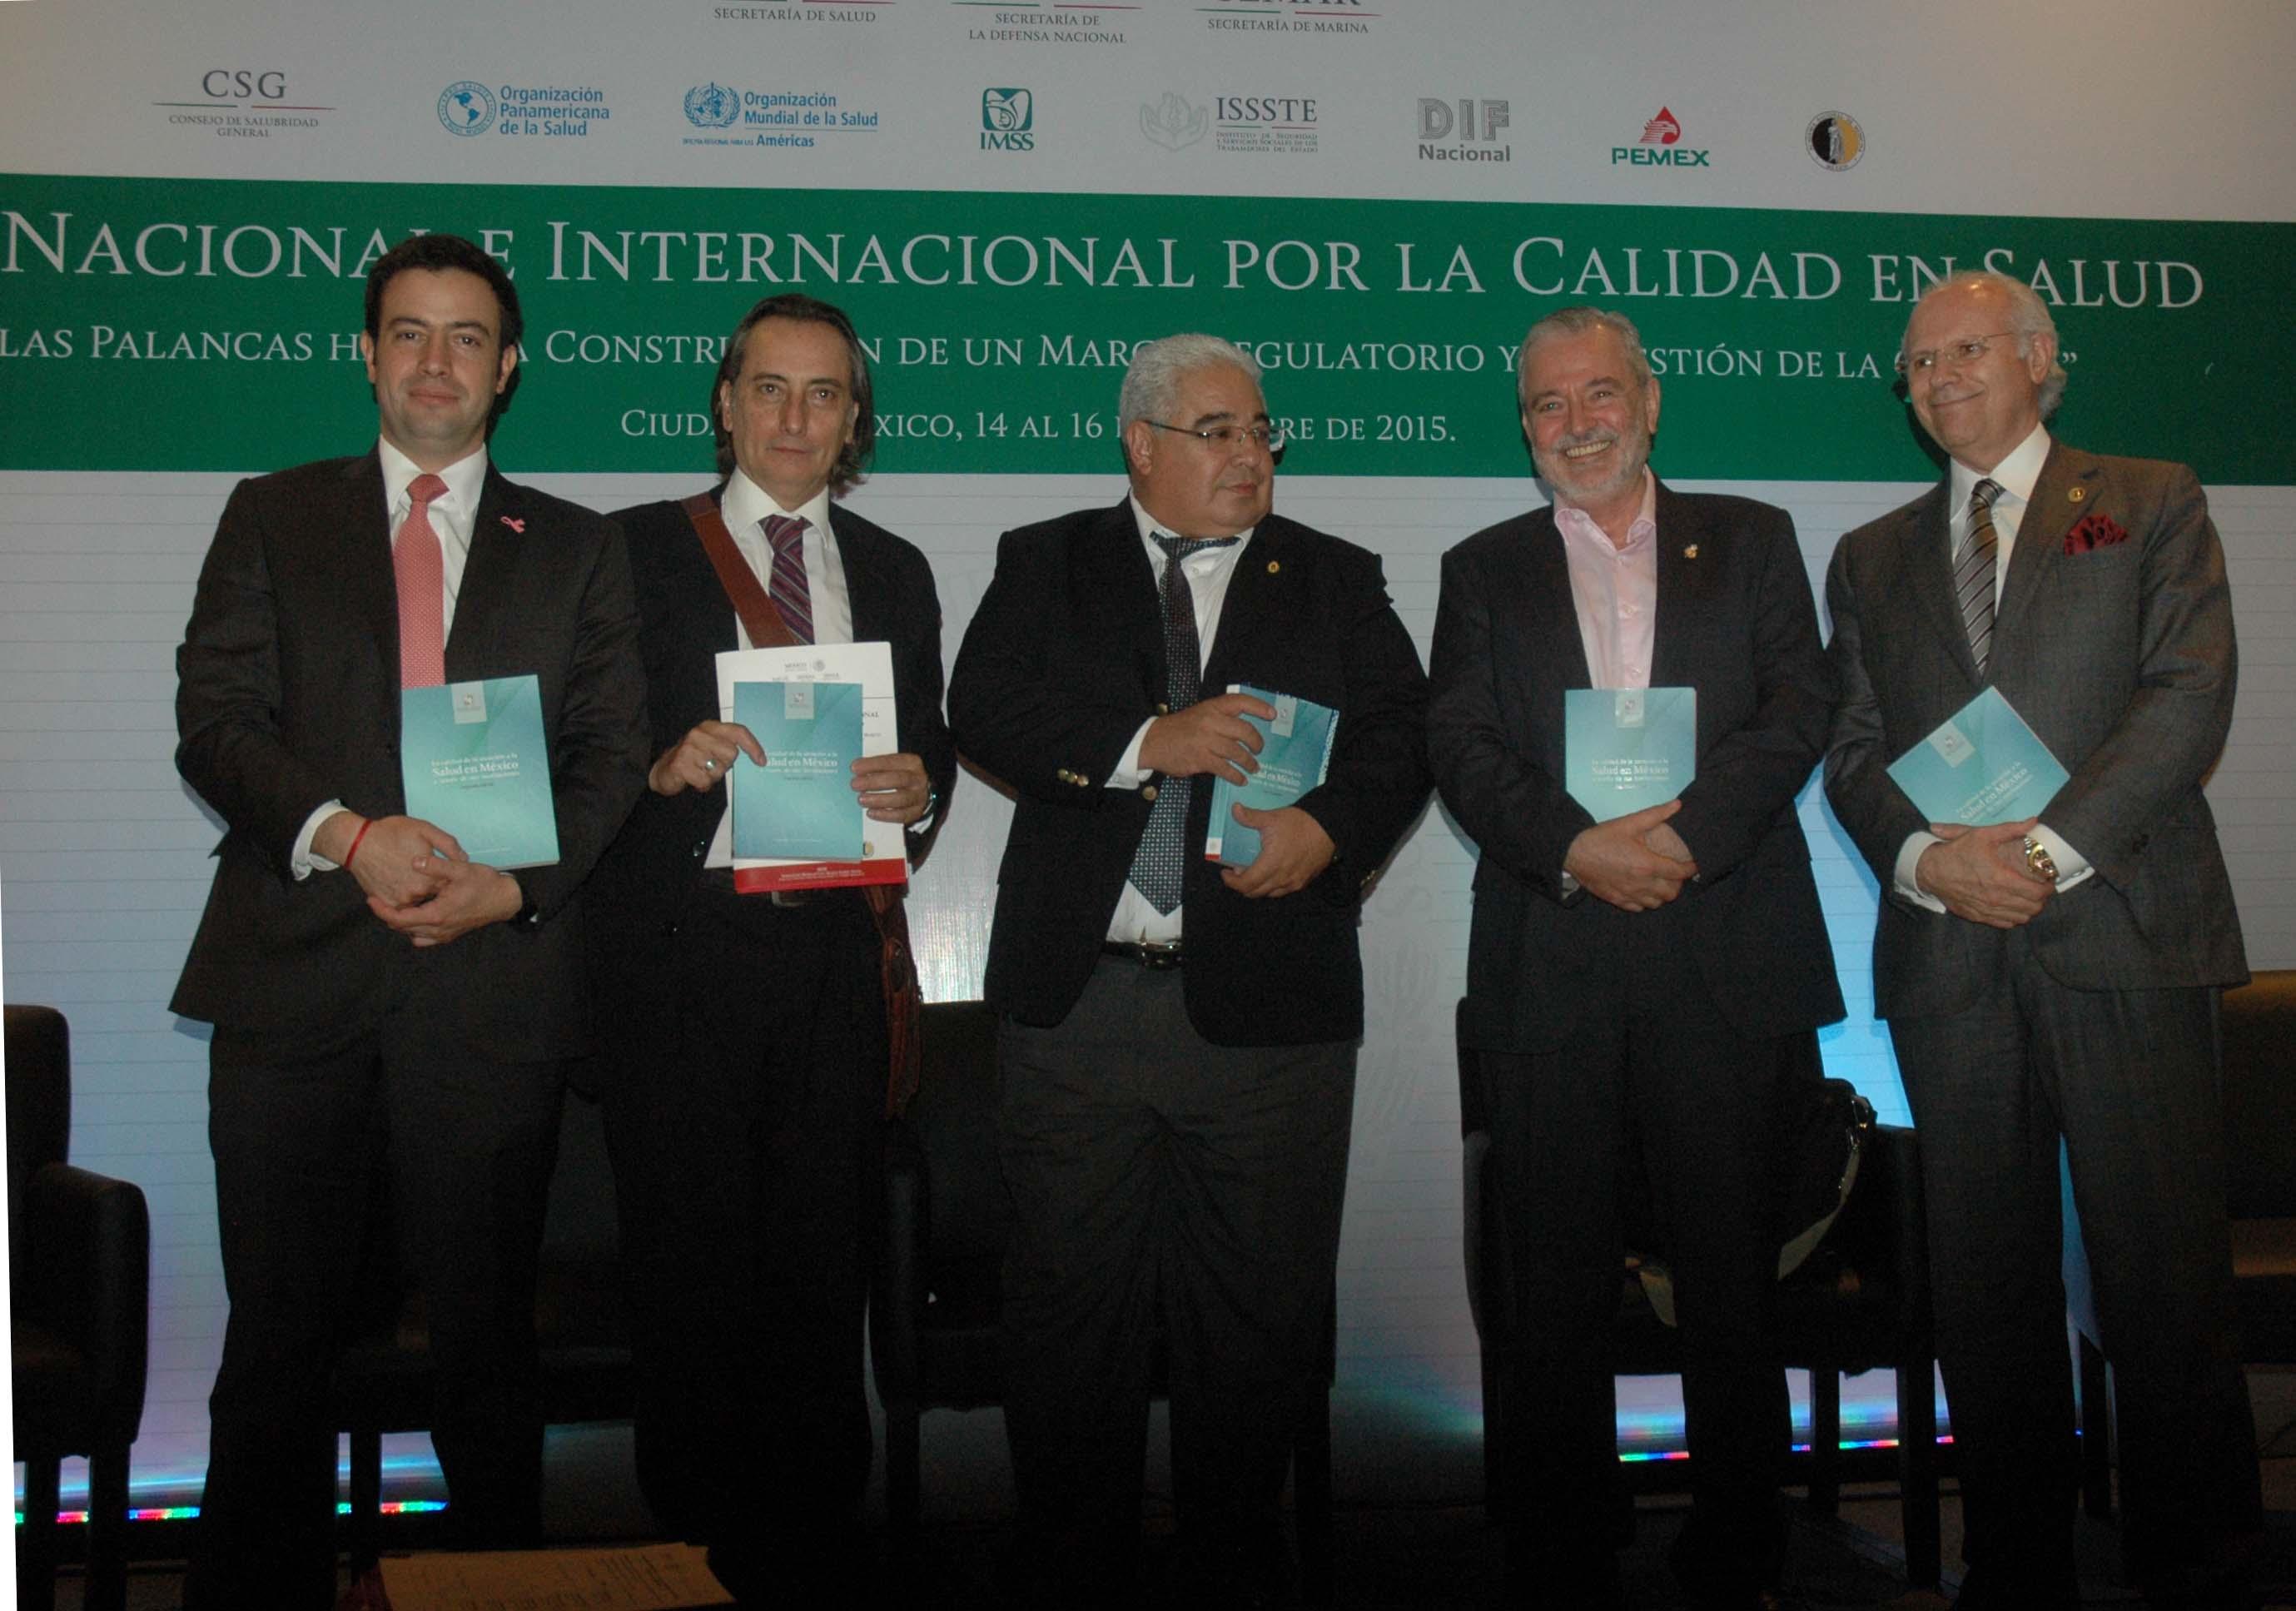 Es de los primeros volúmenes en conformar la Biblioteca Mexicana del Conocimiento, a iniciativa de la Presidencia de la República.